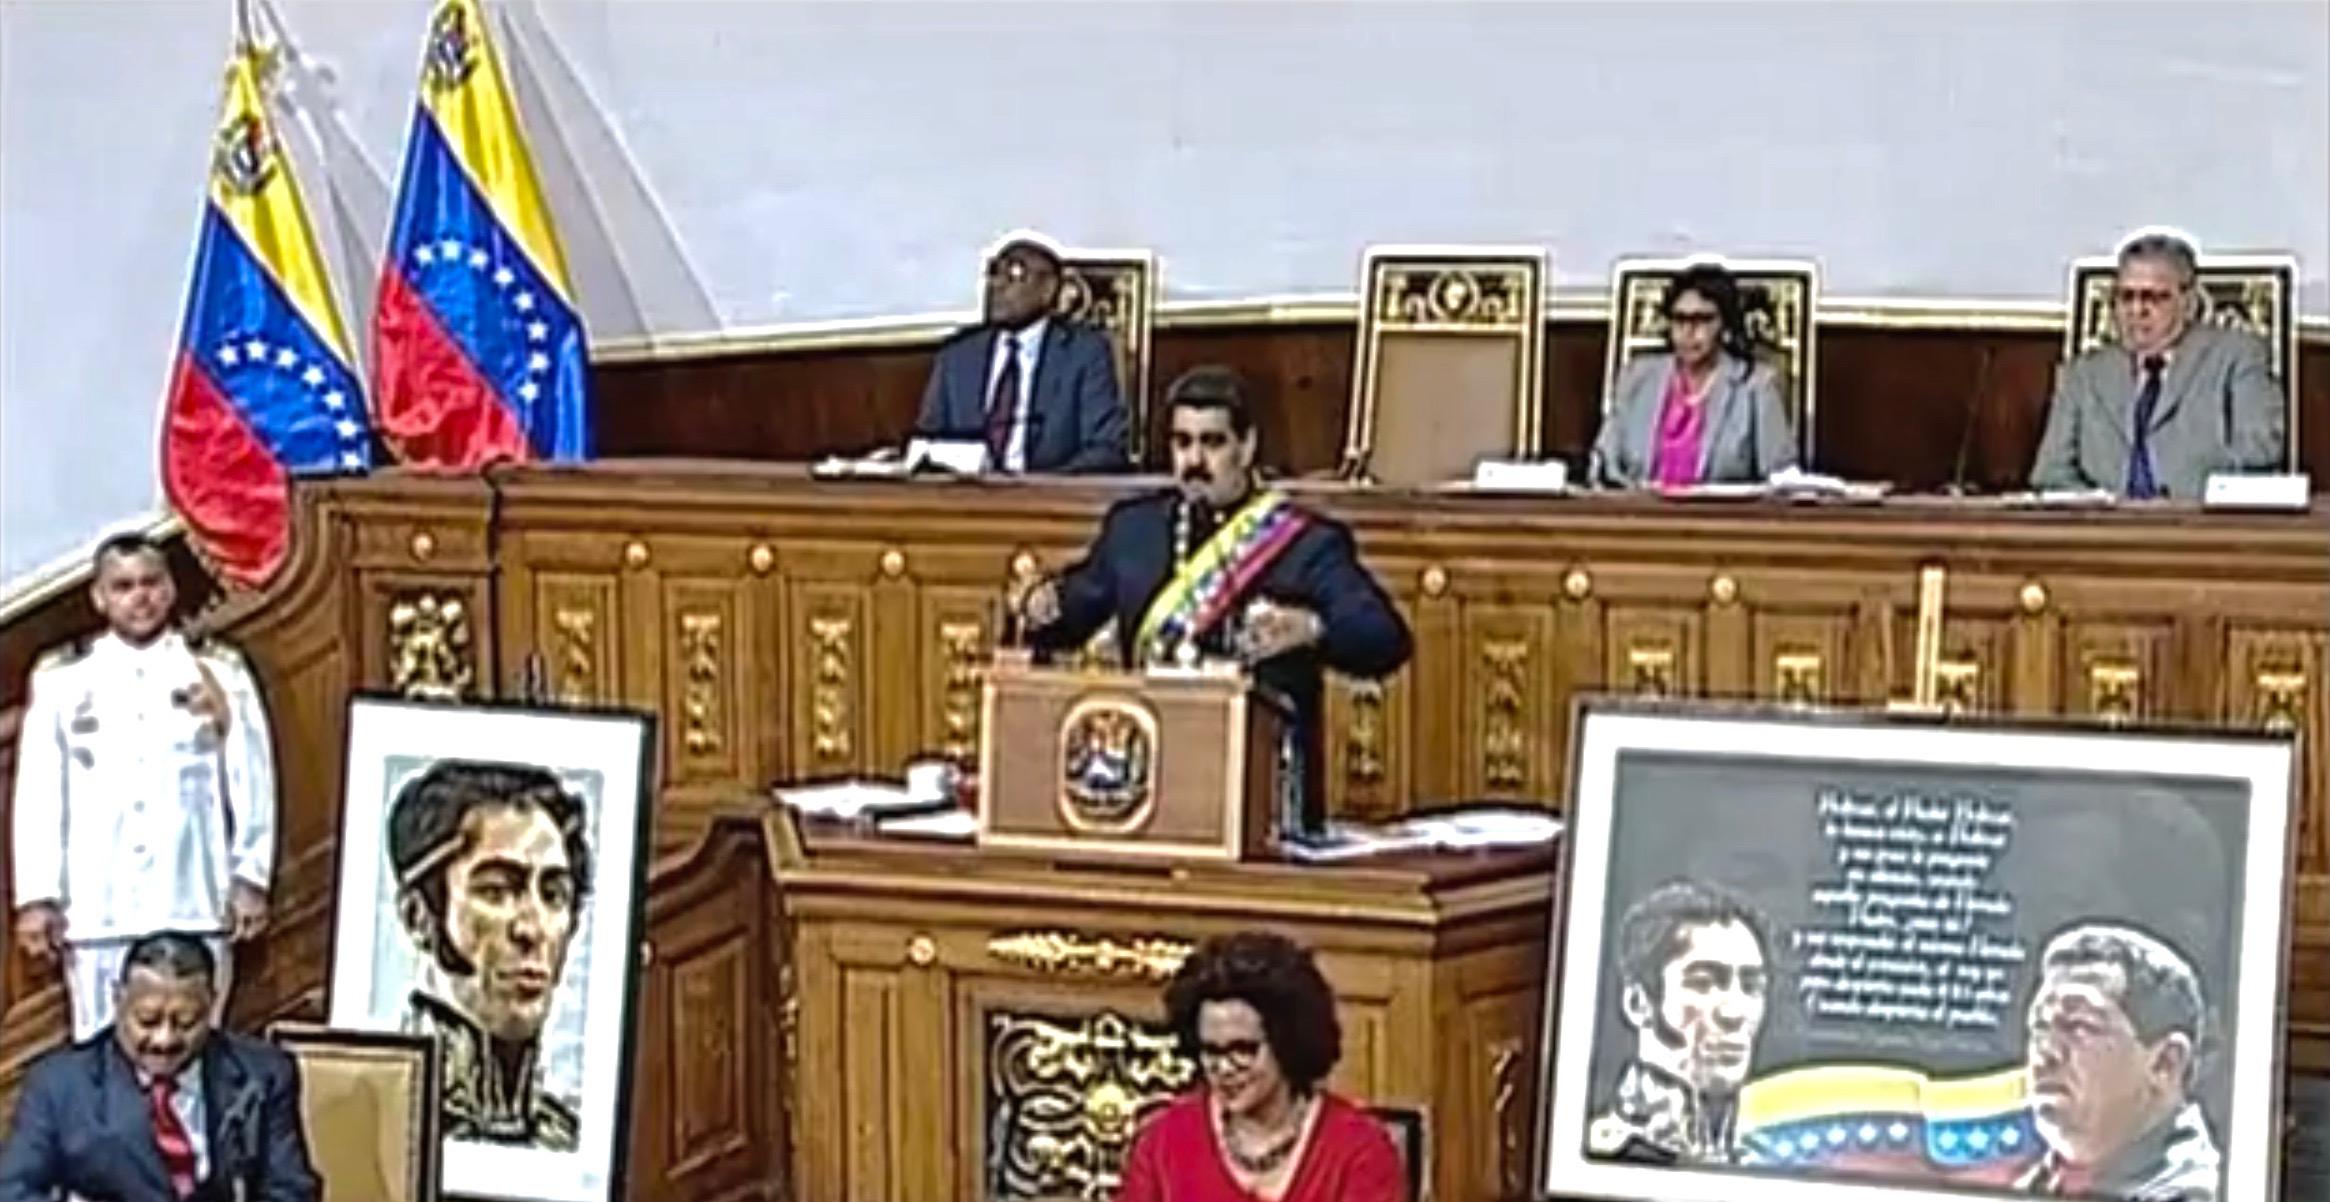 Élections régionales au Venezuela : discrétion et embarras dans la presse française